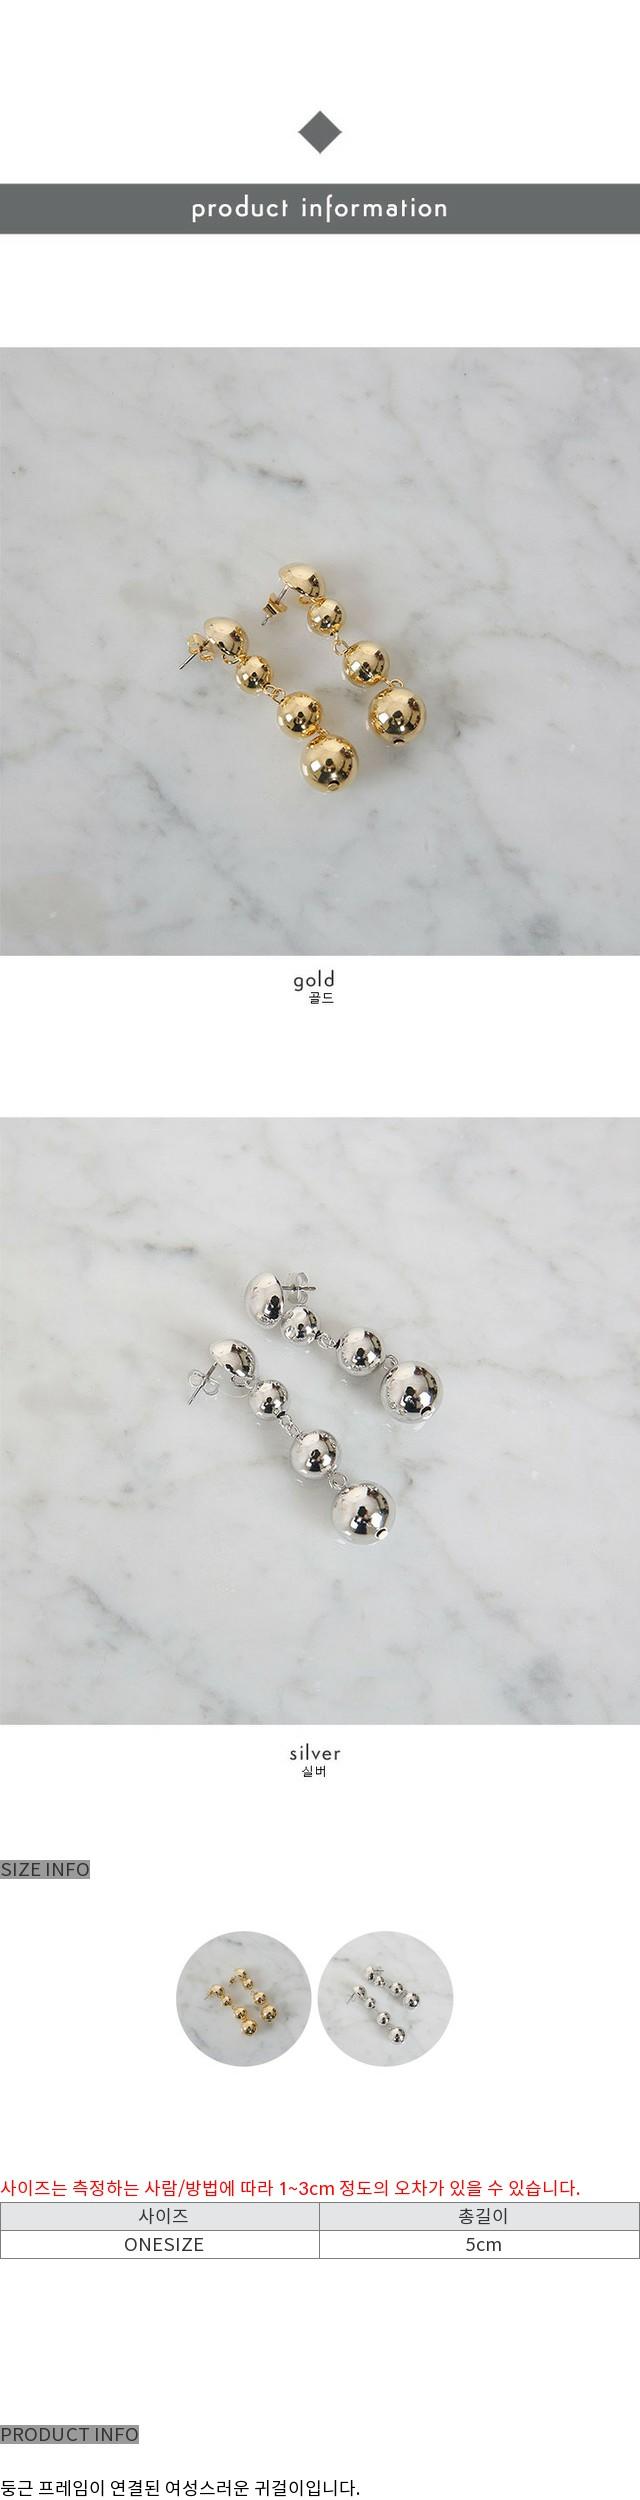 Zem No.101 (earring)